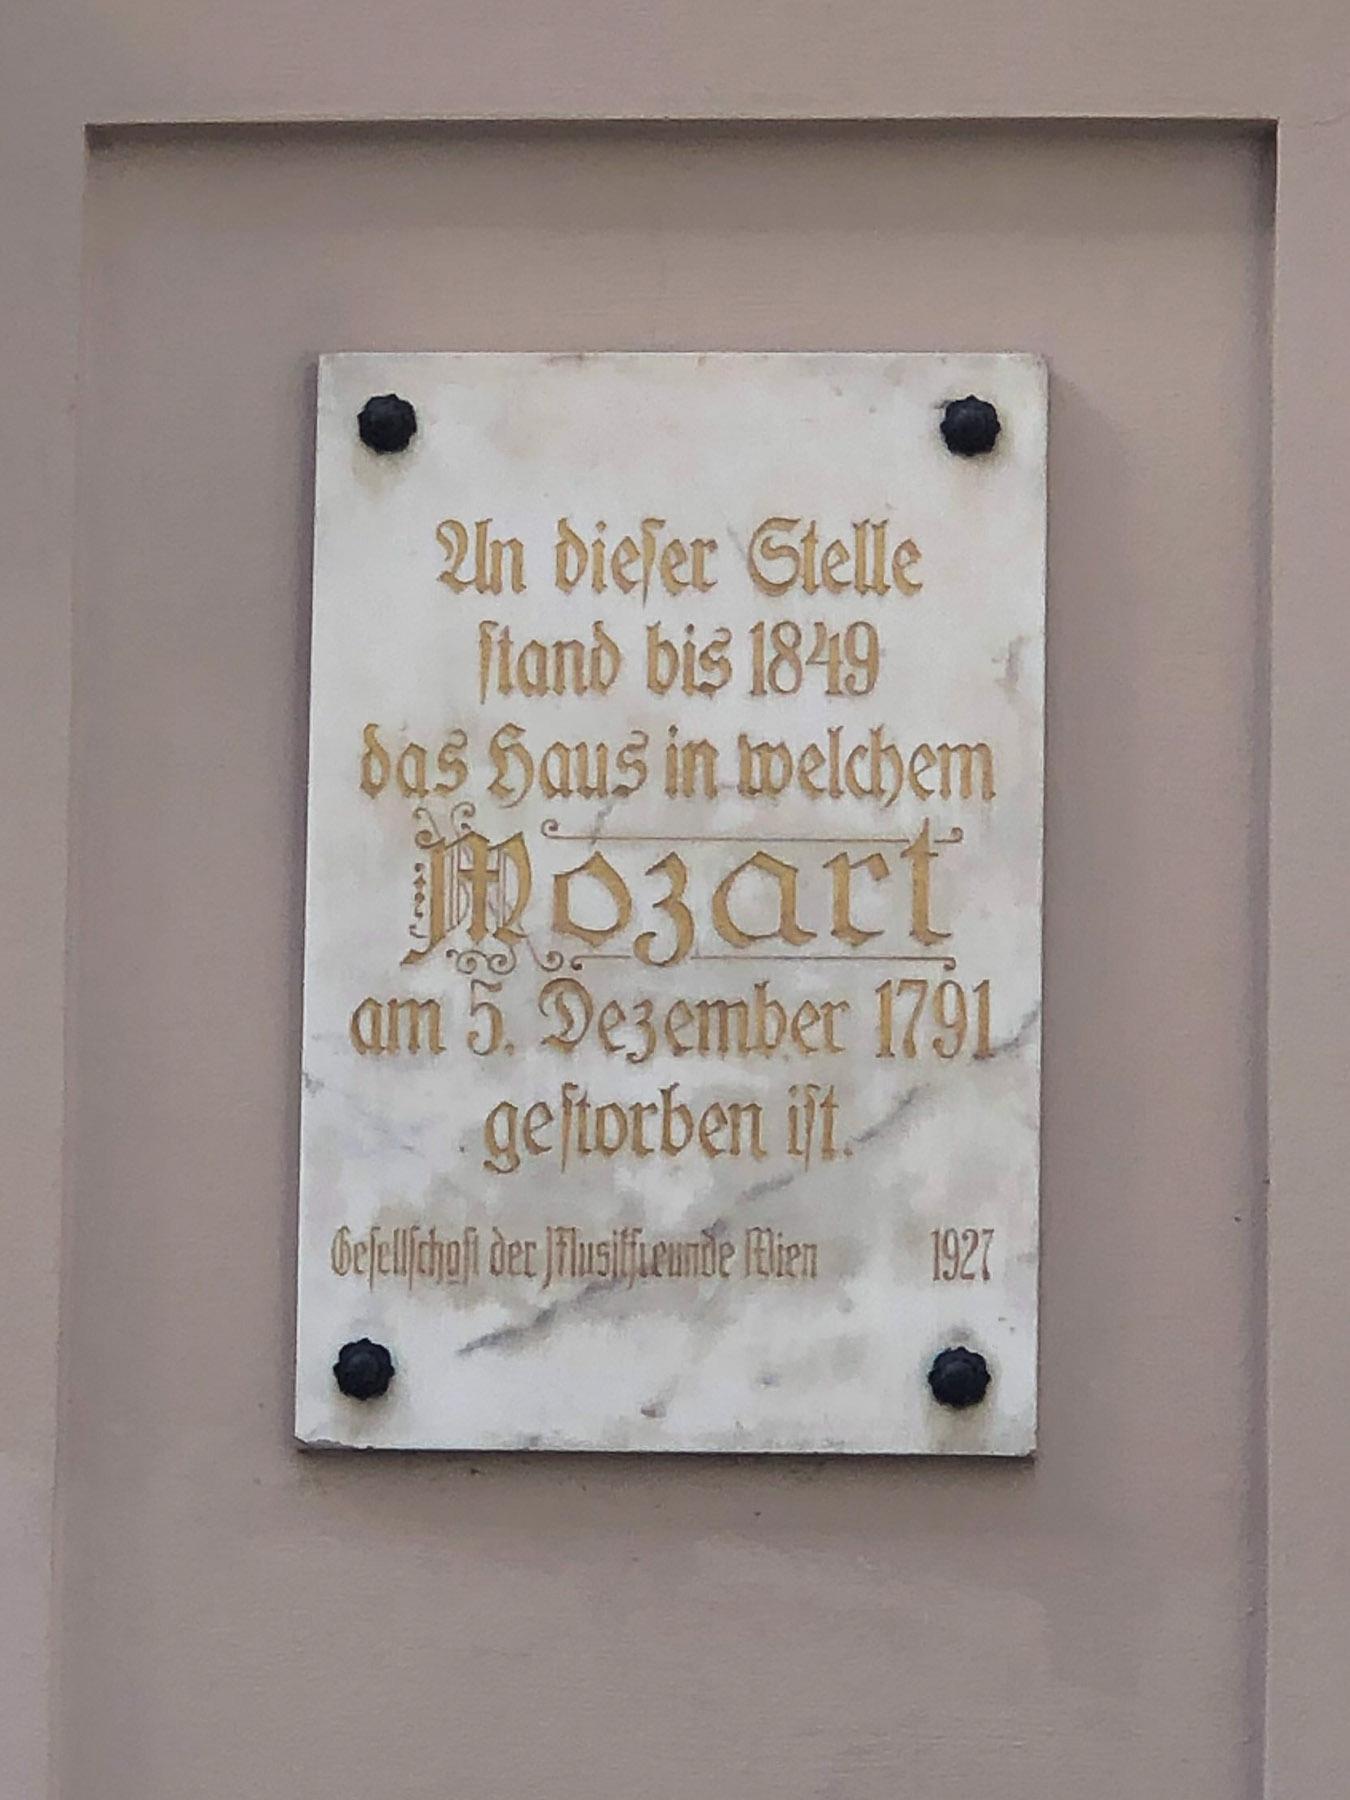 Mozart Sterbehaus, Vienna, Austria